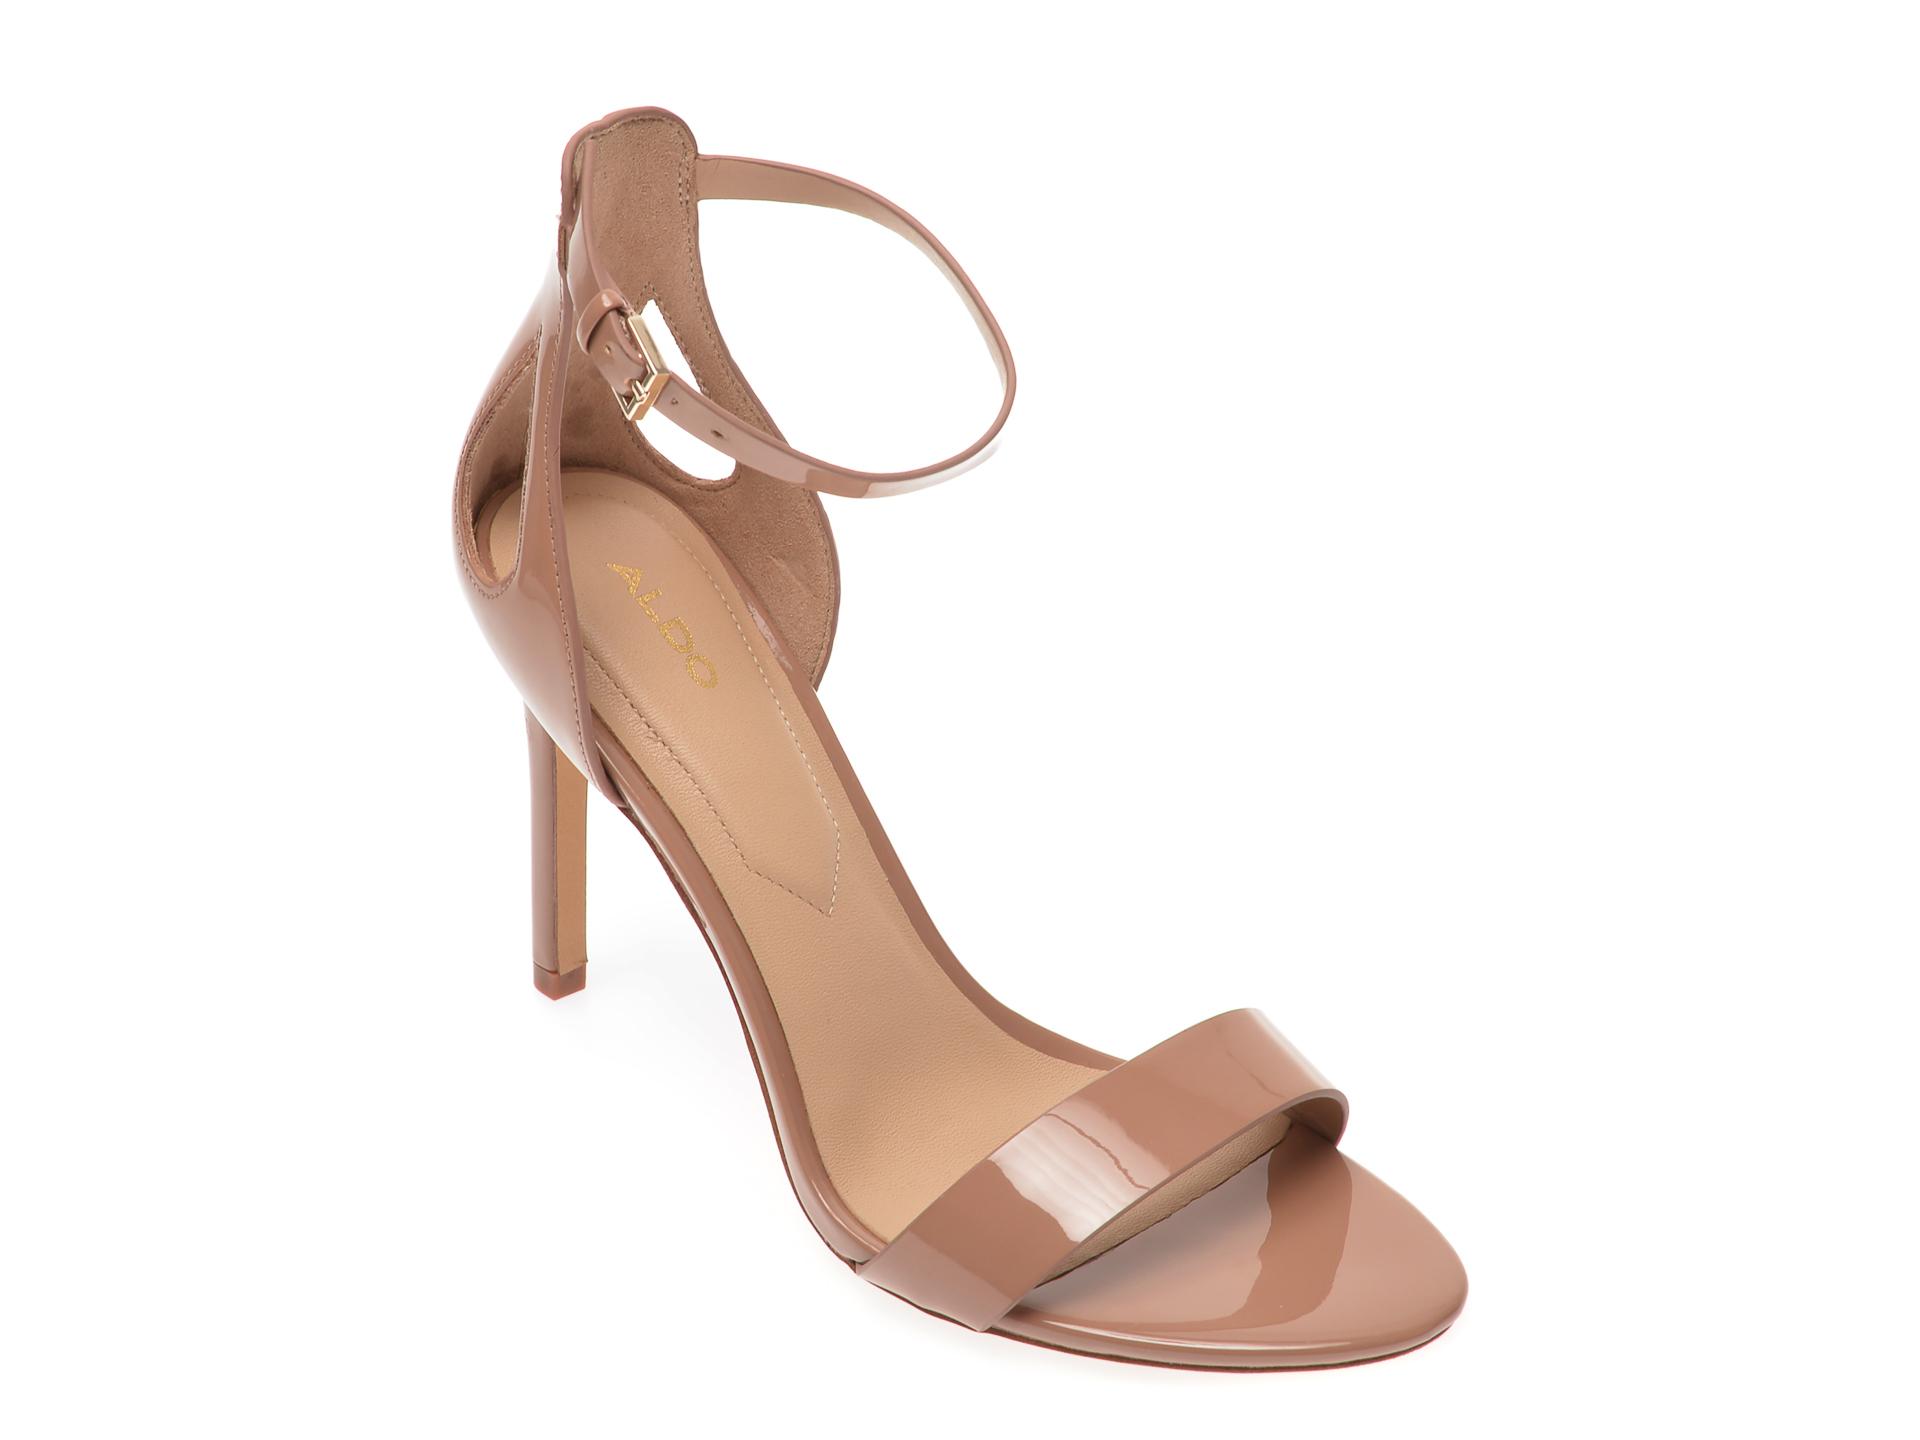 Sandale ALDO nude, Violla270, din piele ecologica imagine